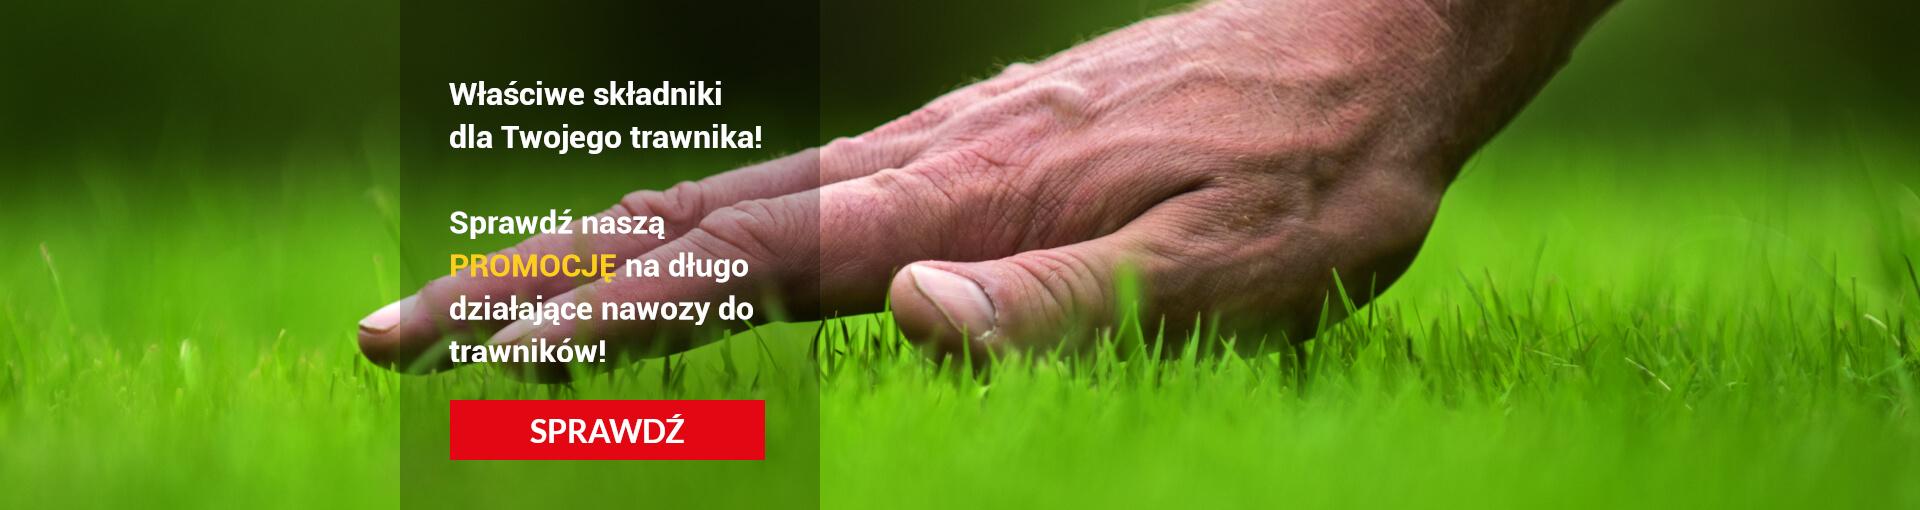 Właściwe składniki dla Twojego trawnika! Nawozy do trawników nawozy do trawy